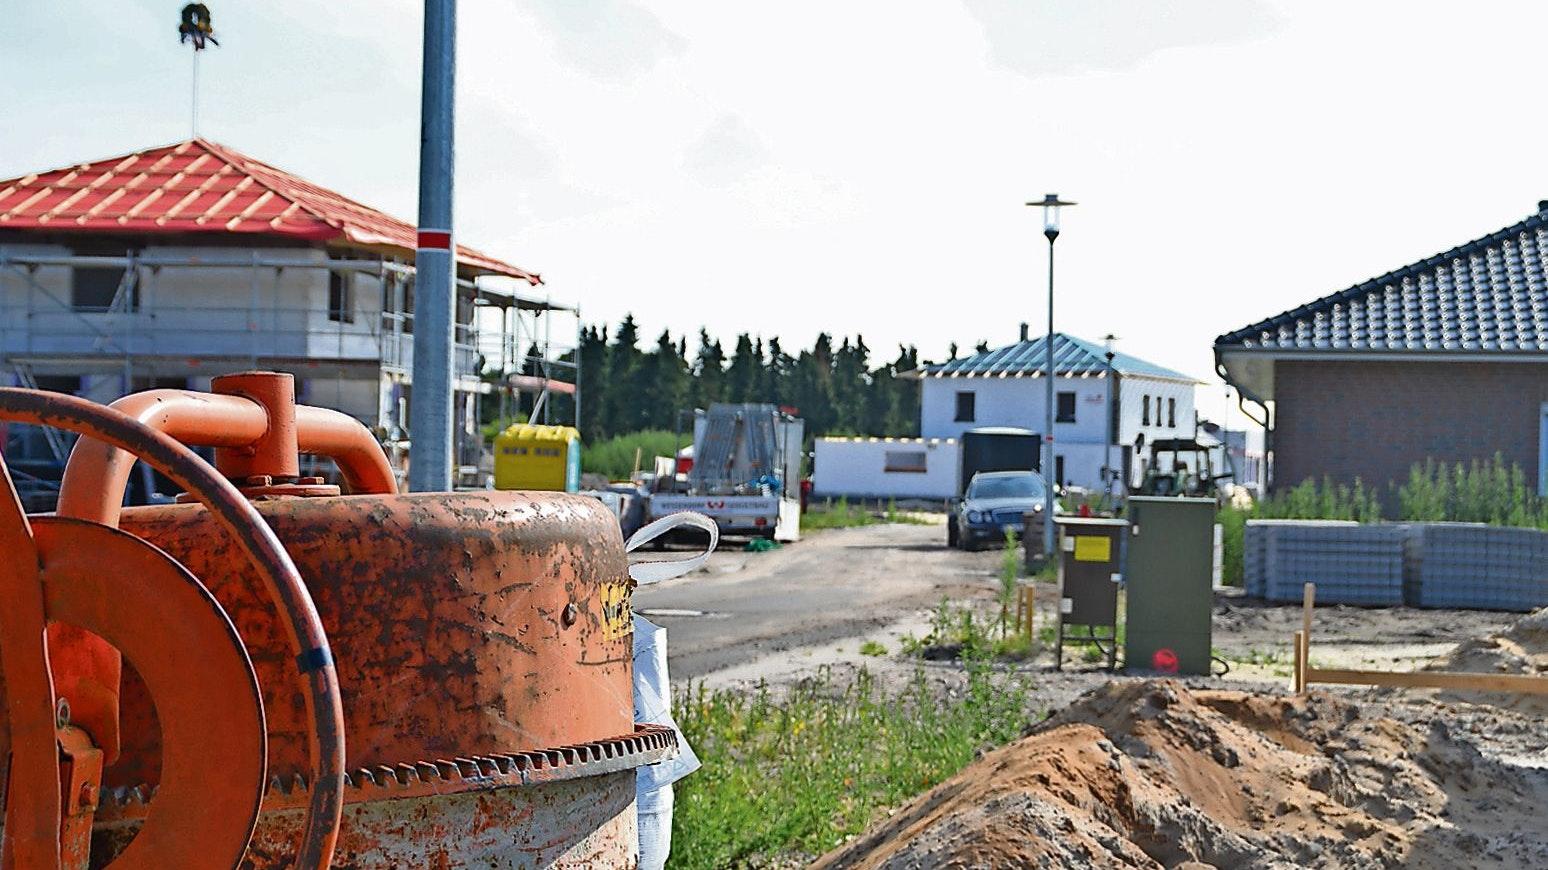 Begehrtes Bauland: In Bösel ist die Nachfrage nach Baugrundstücken und Wohnhäusern deutlich gestiegen. Auch bei den Preisen ging es steil nach oben, ein Quadratmeter Bauland kostete durchschnittlich 100 Euro - 85 Prozent mehr als noch 2019. Archivfoto: Wimberg